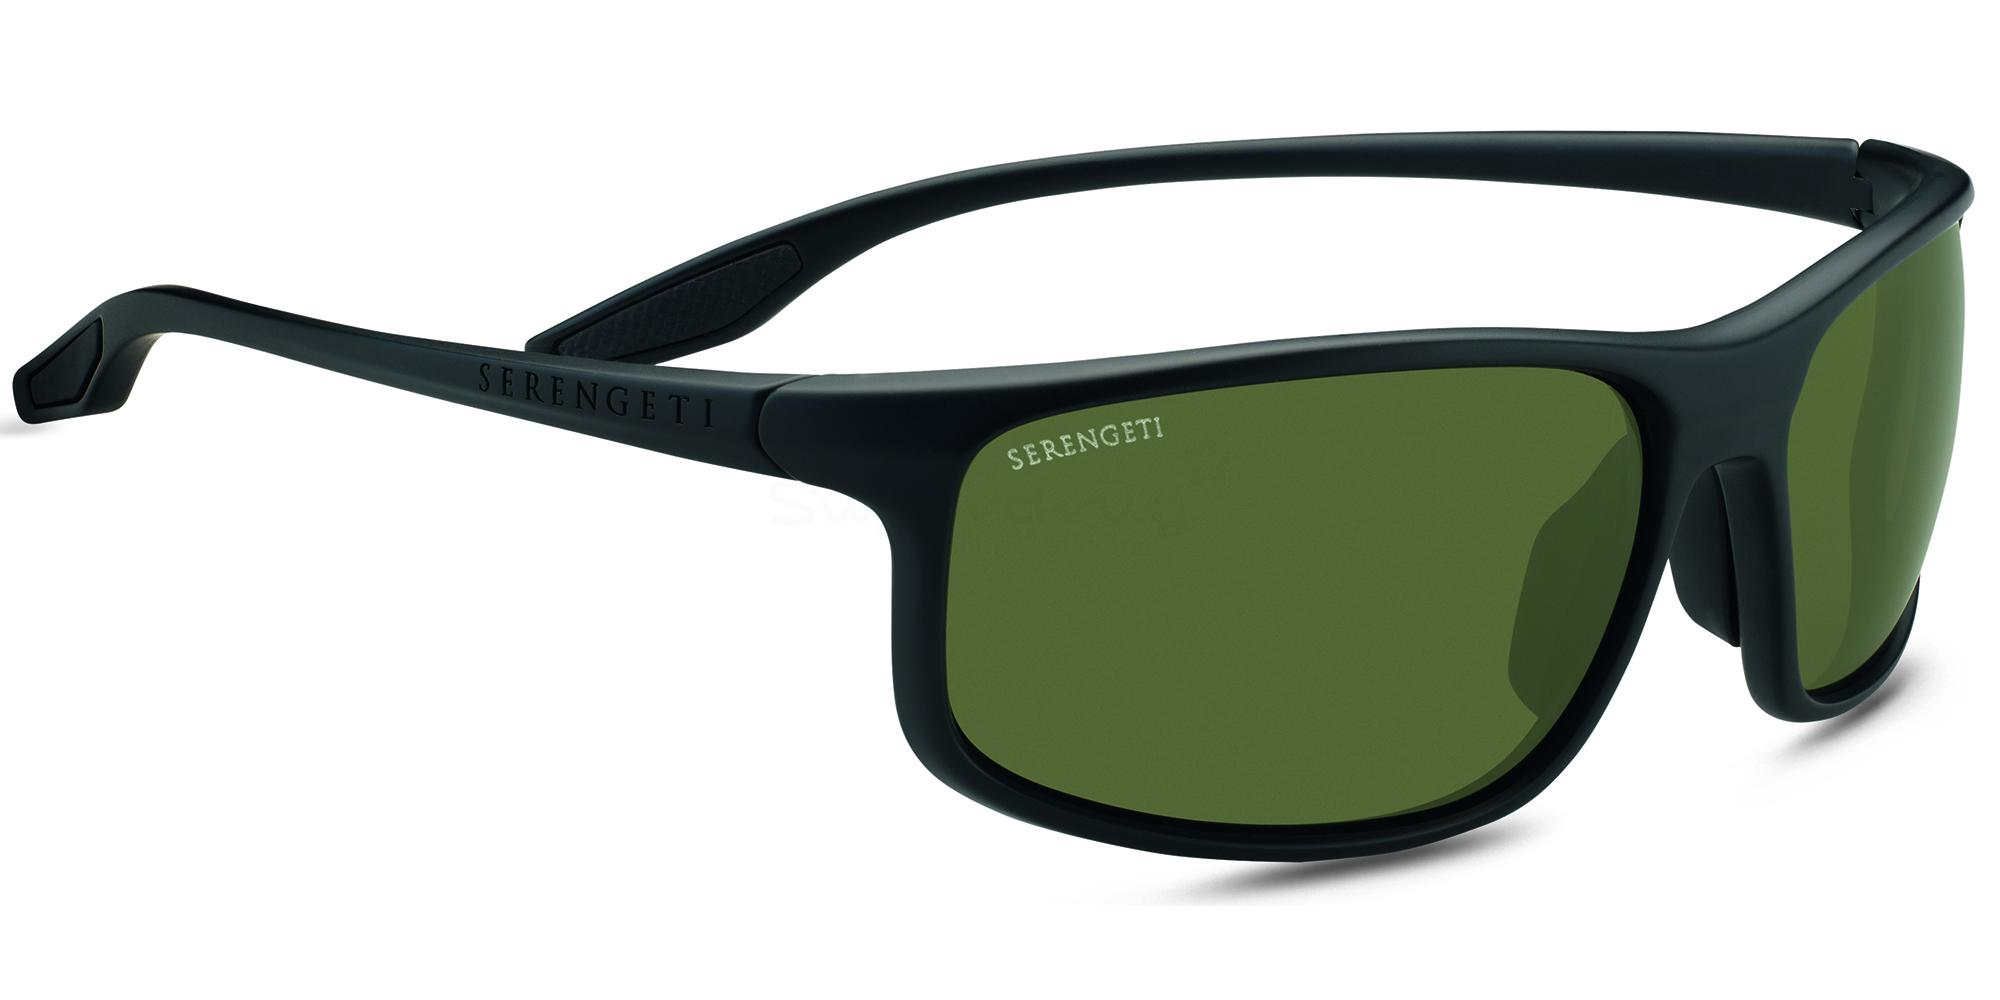 8608 Serengeti Sport LEVANZO Sunglasses, Serengeti